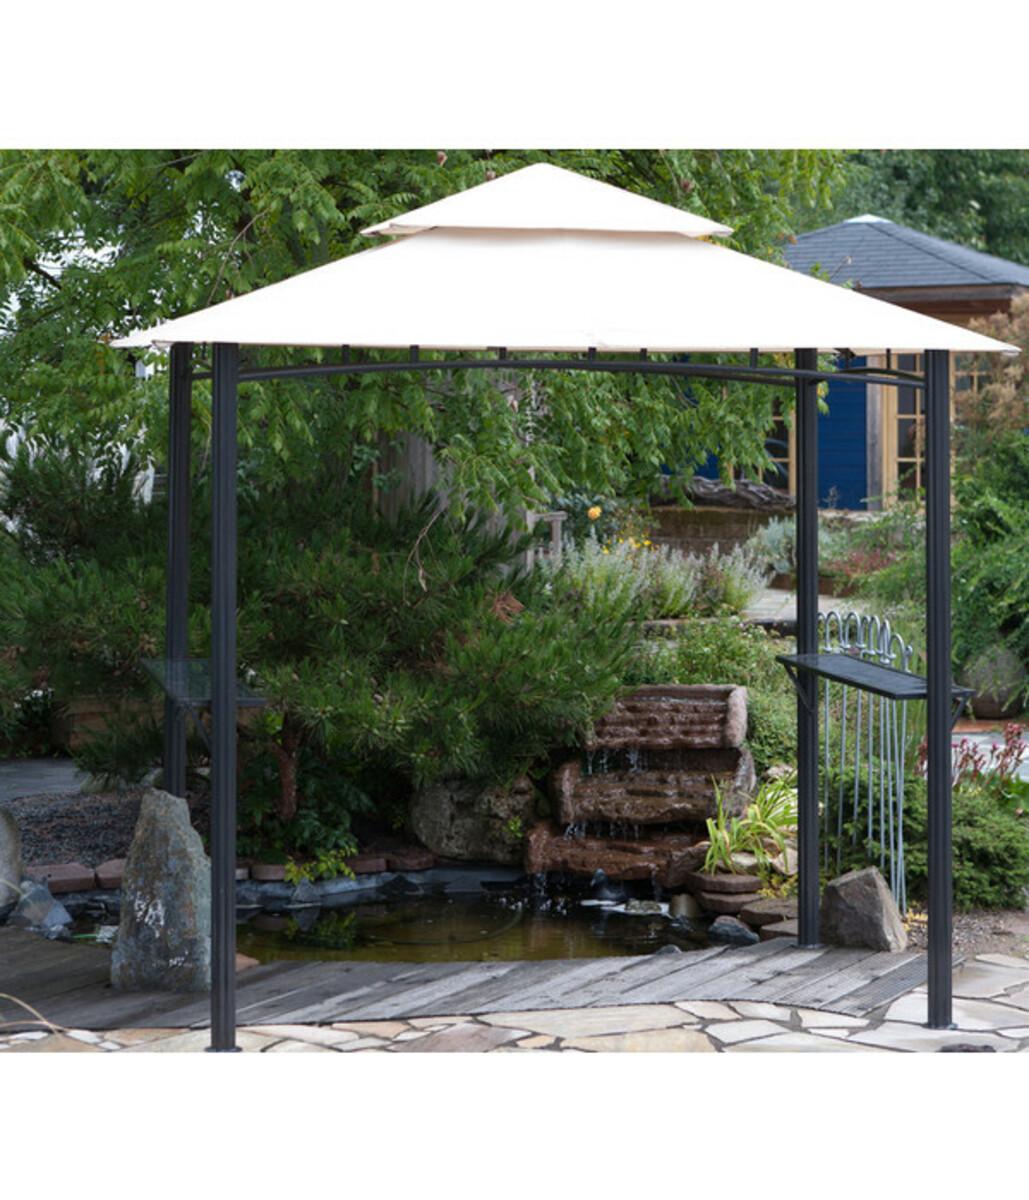 Bild 2 von tepro Garten-/ Grillpavillon, ca. 246 x 154 x 255 cm